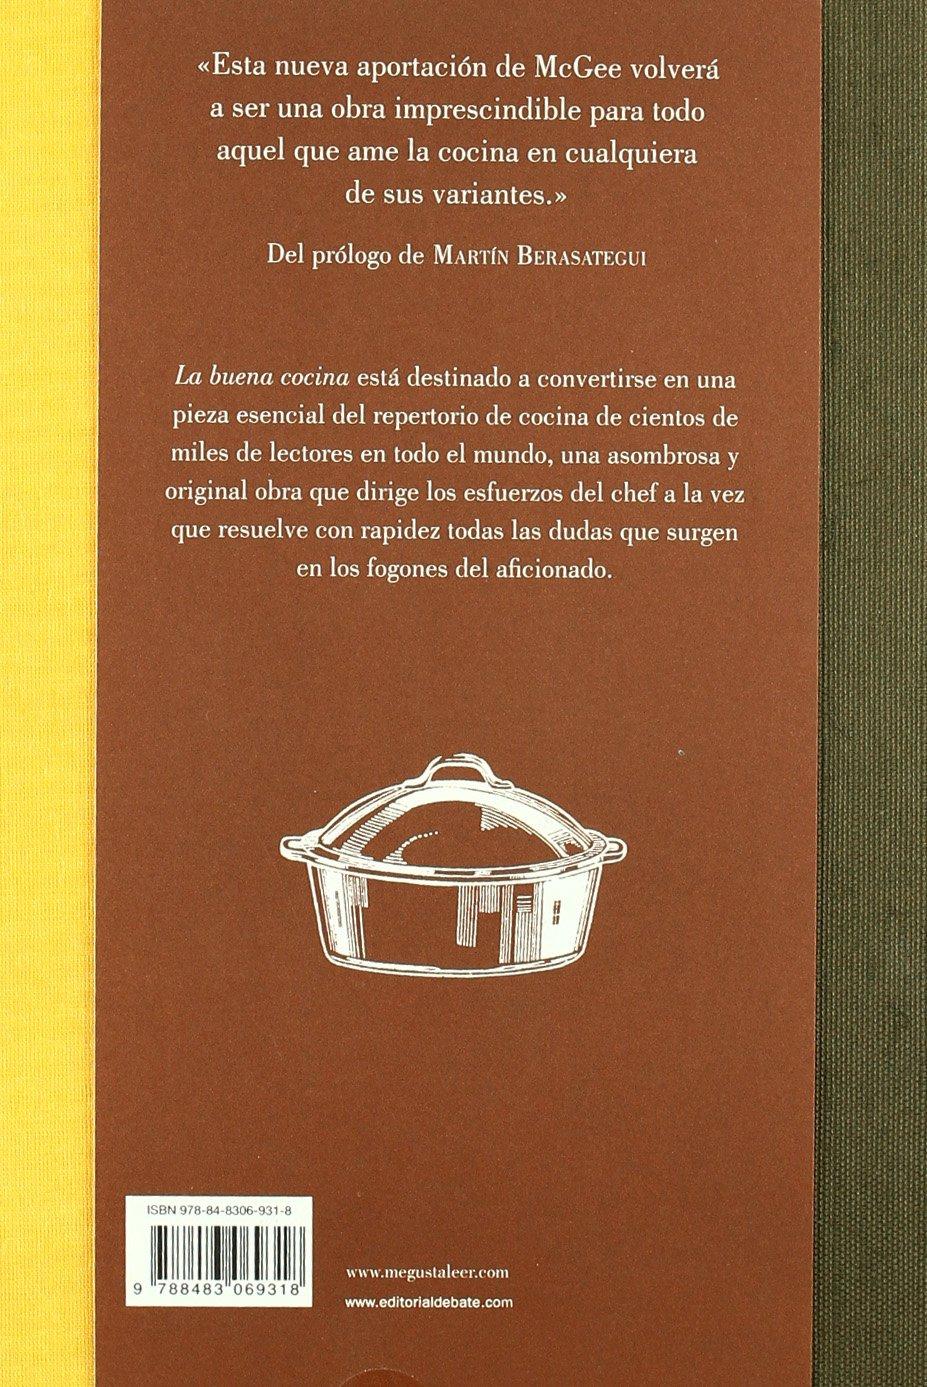 La buena cocina: Cómo preparar los mejores platos y recetas: Amazon.es: MCGEE,HAROLD, Berasategui, Martin, IBEAS DELGADO, JUAN MANUEL;: Libros